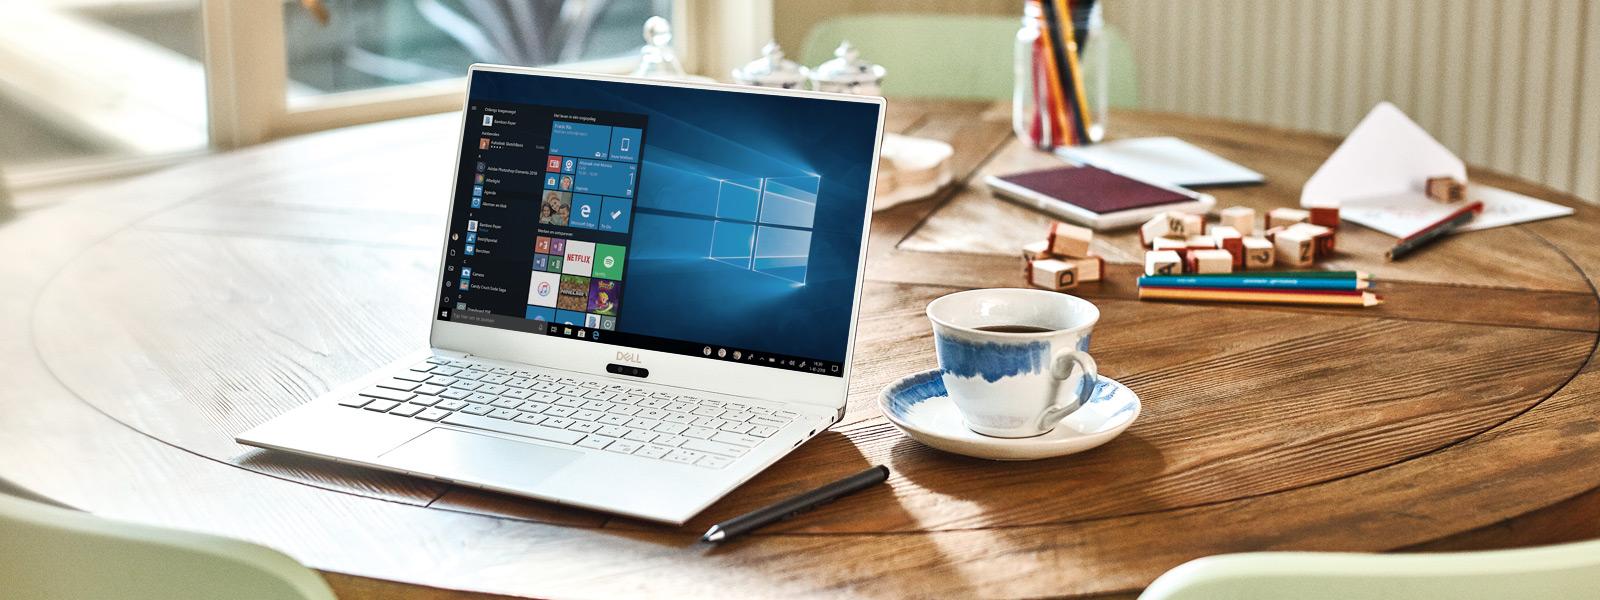 En Dell XPS 13 9370 står oppslått på et bord med en Windows 10-startskjerm.